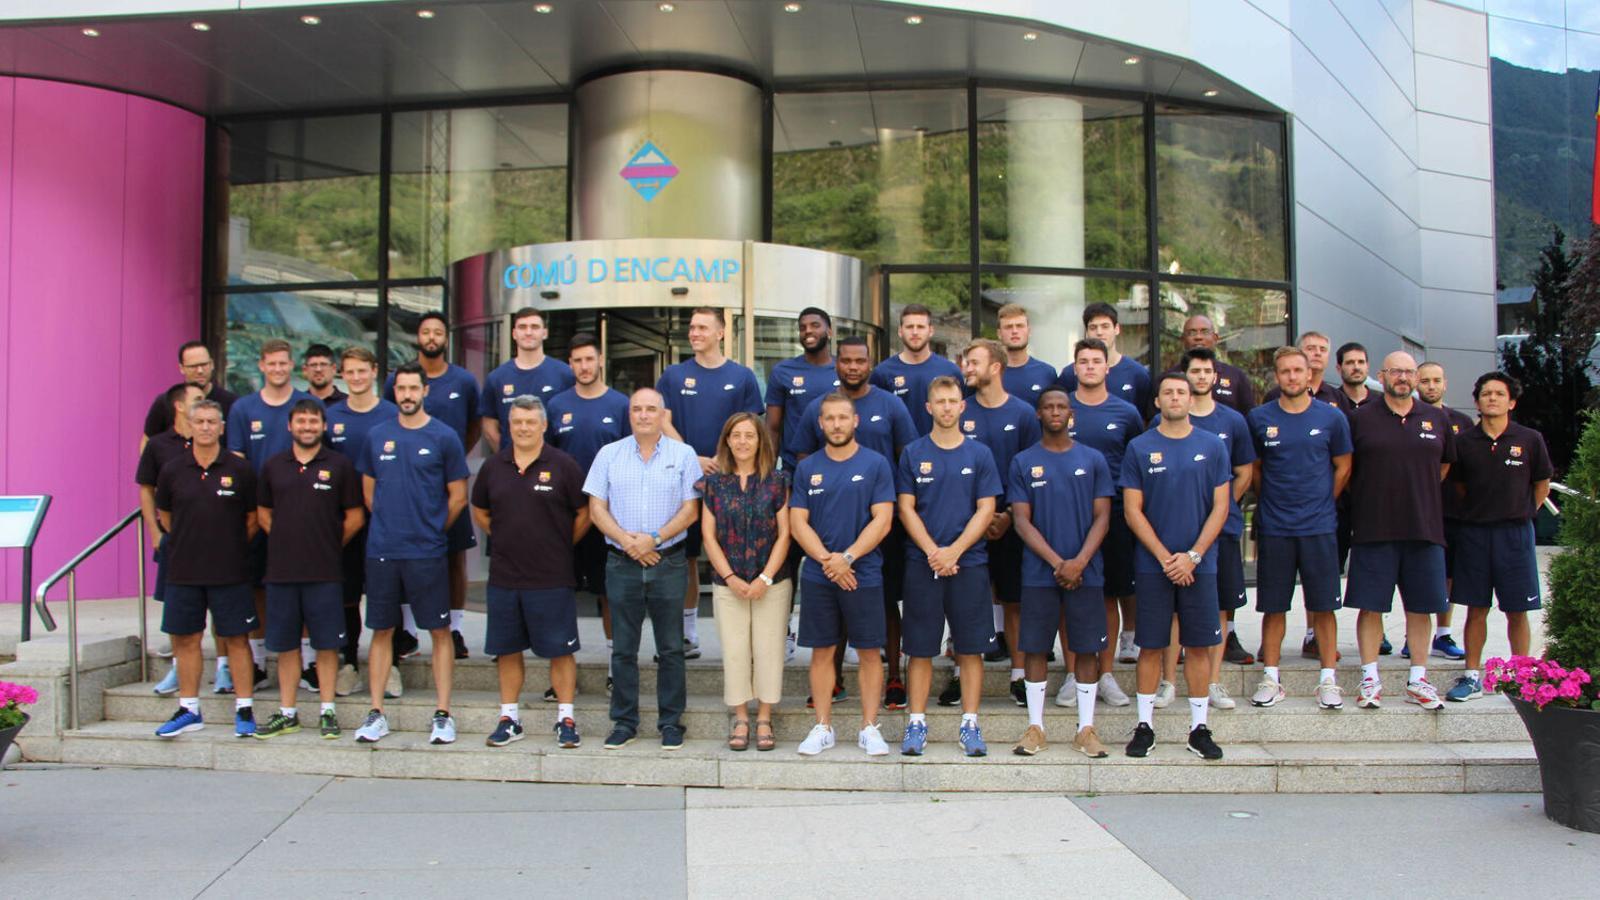 L'equip d'handbol del Barça durant la seva estada a Encamp l'any passat. / COMÚ D'ENCAMP